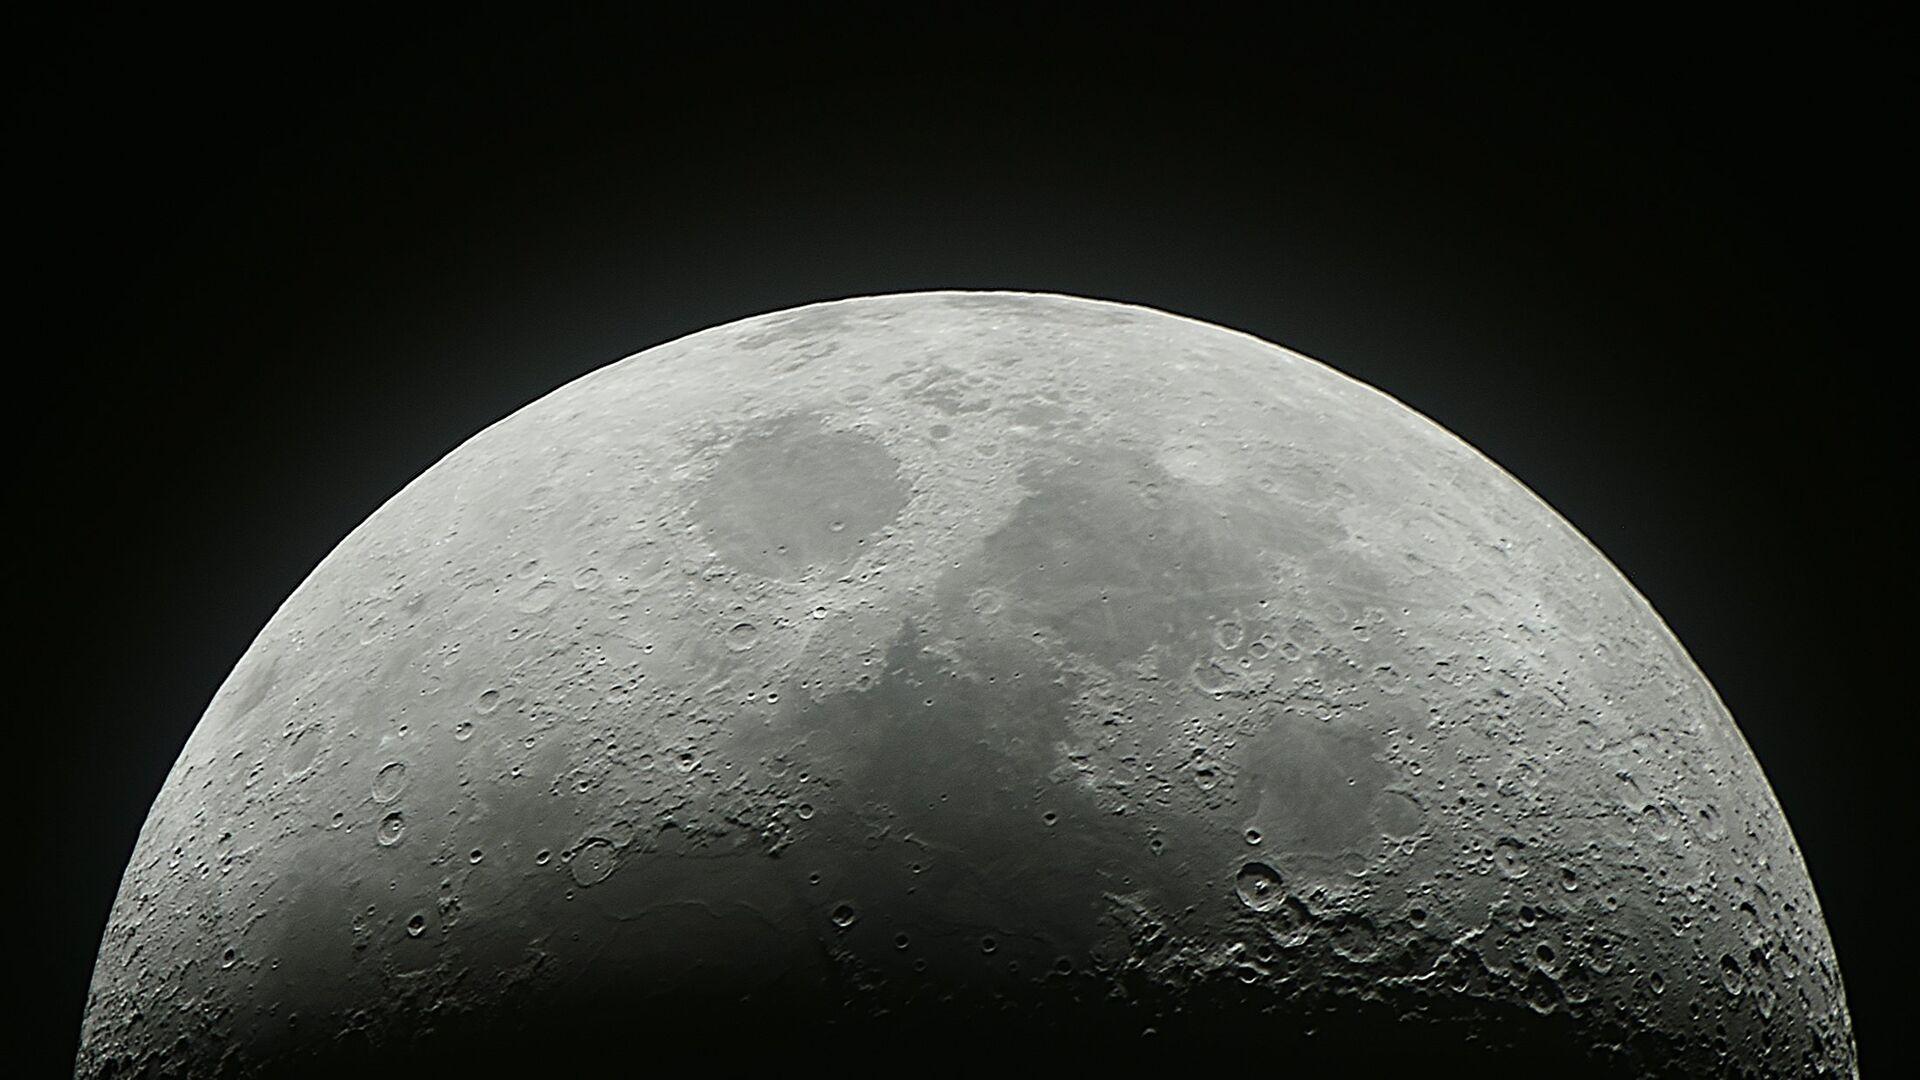 На Луне обнаружили более ста тысяч новых кратеров